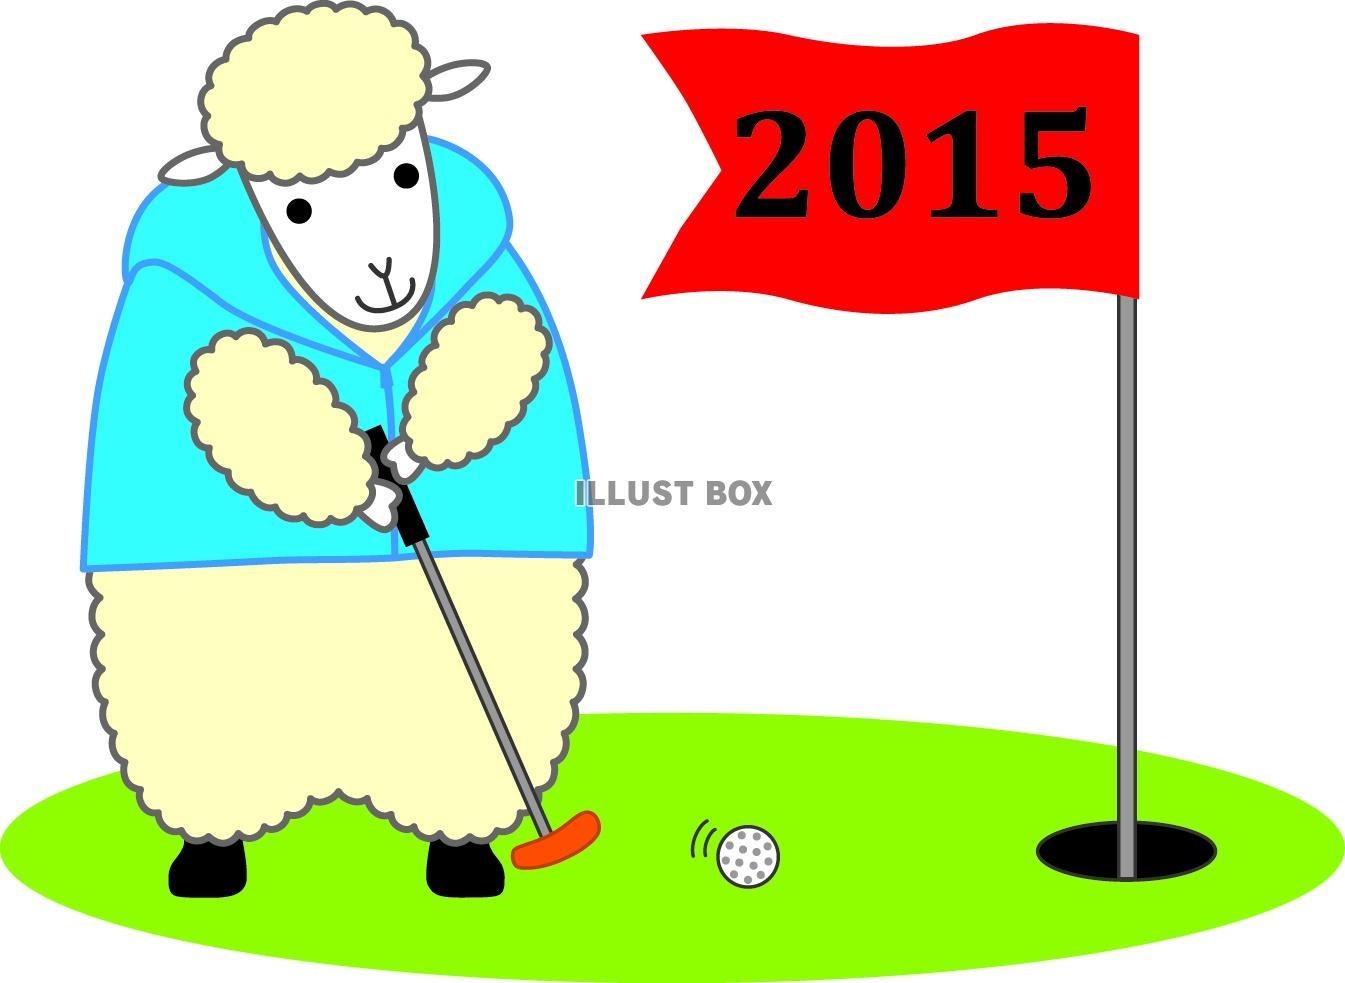 カレンダー 2015年カレンダー無料ダウンロード : サンプル画像は線がギザギザに ...